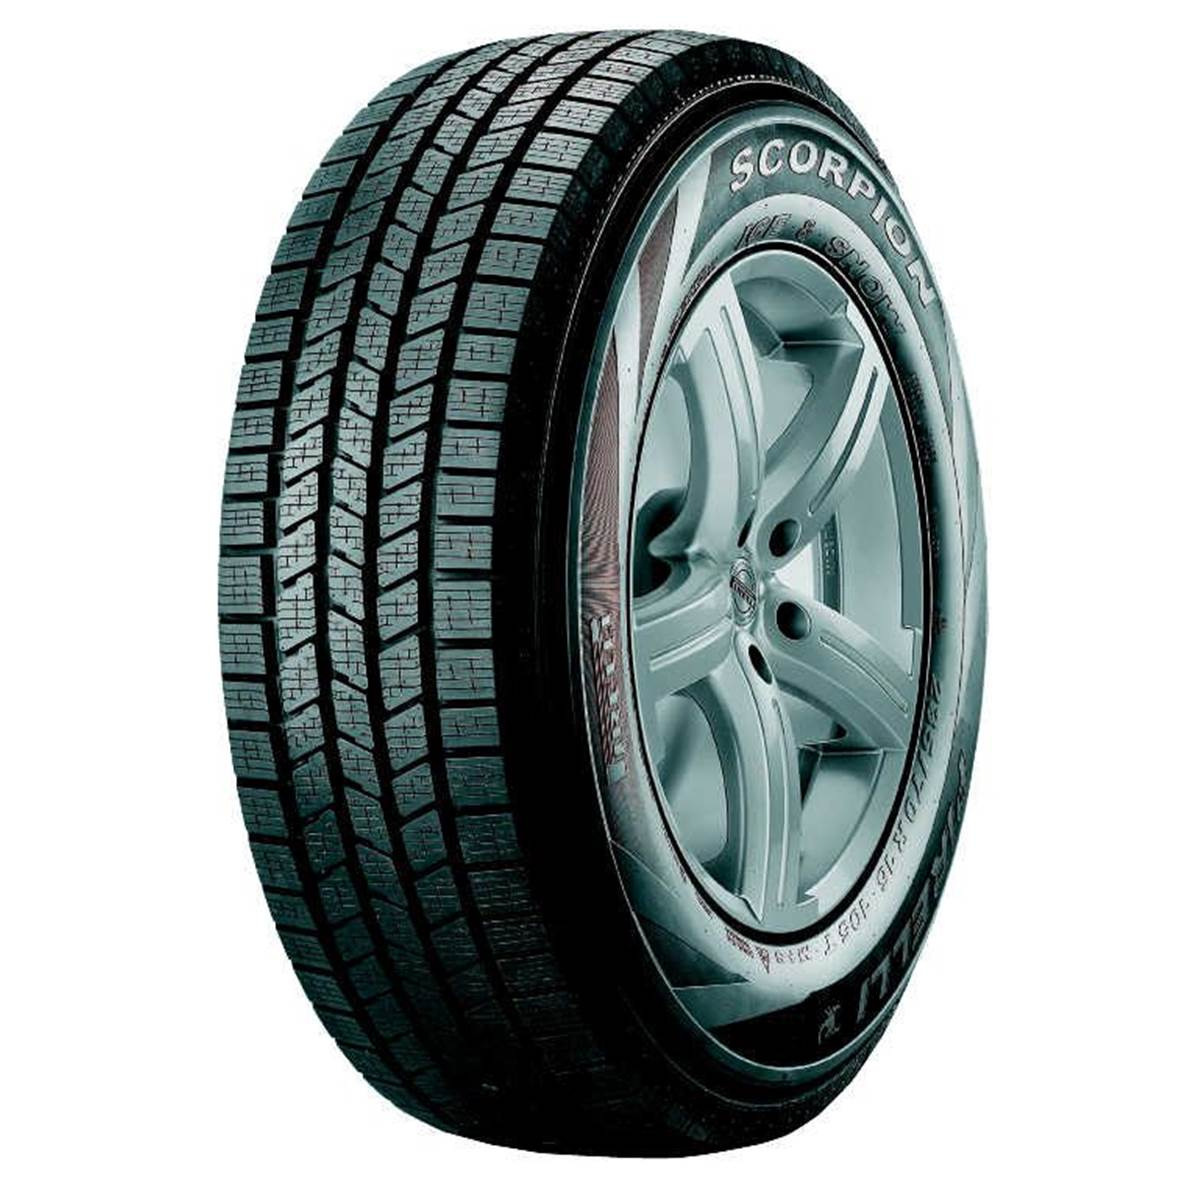 Pneu Pirelli 255/55R20 110V SCORPION WINTER XL